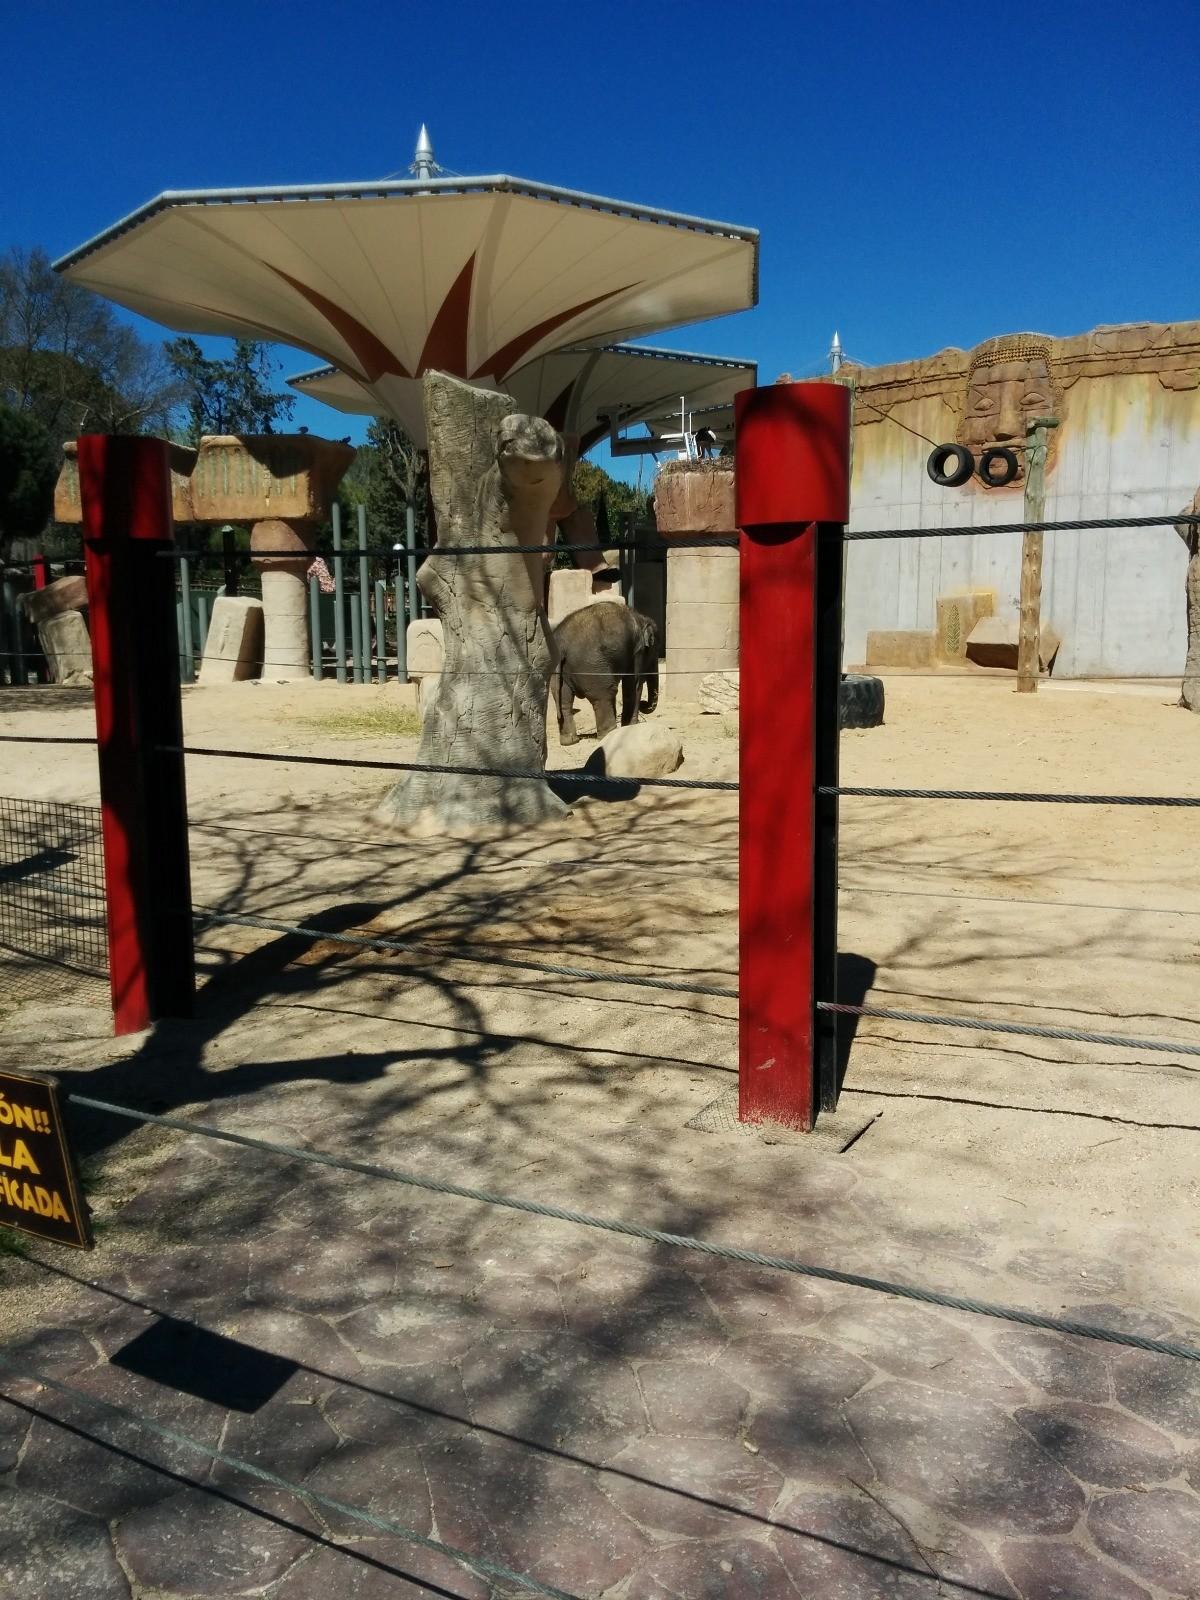 el-zoo-madrid-fe1d5dbbfc11dd42648fa0ff47